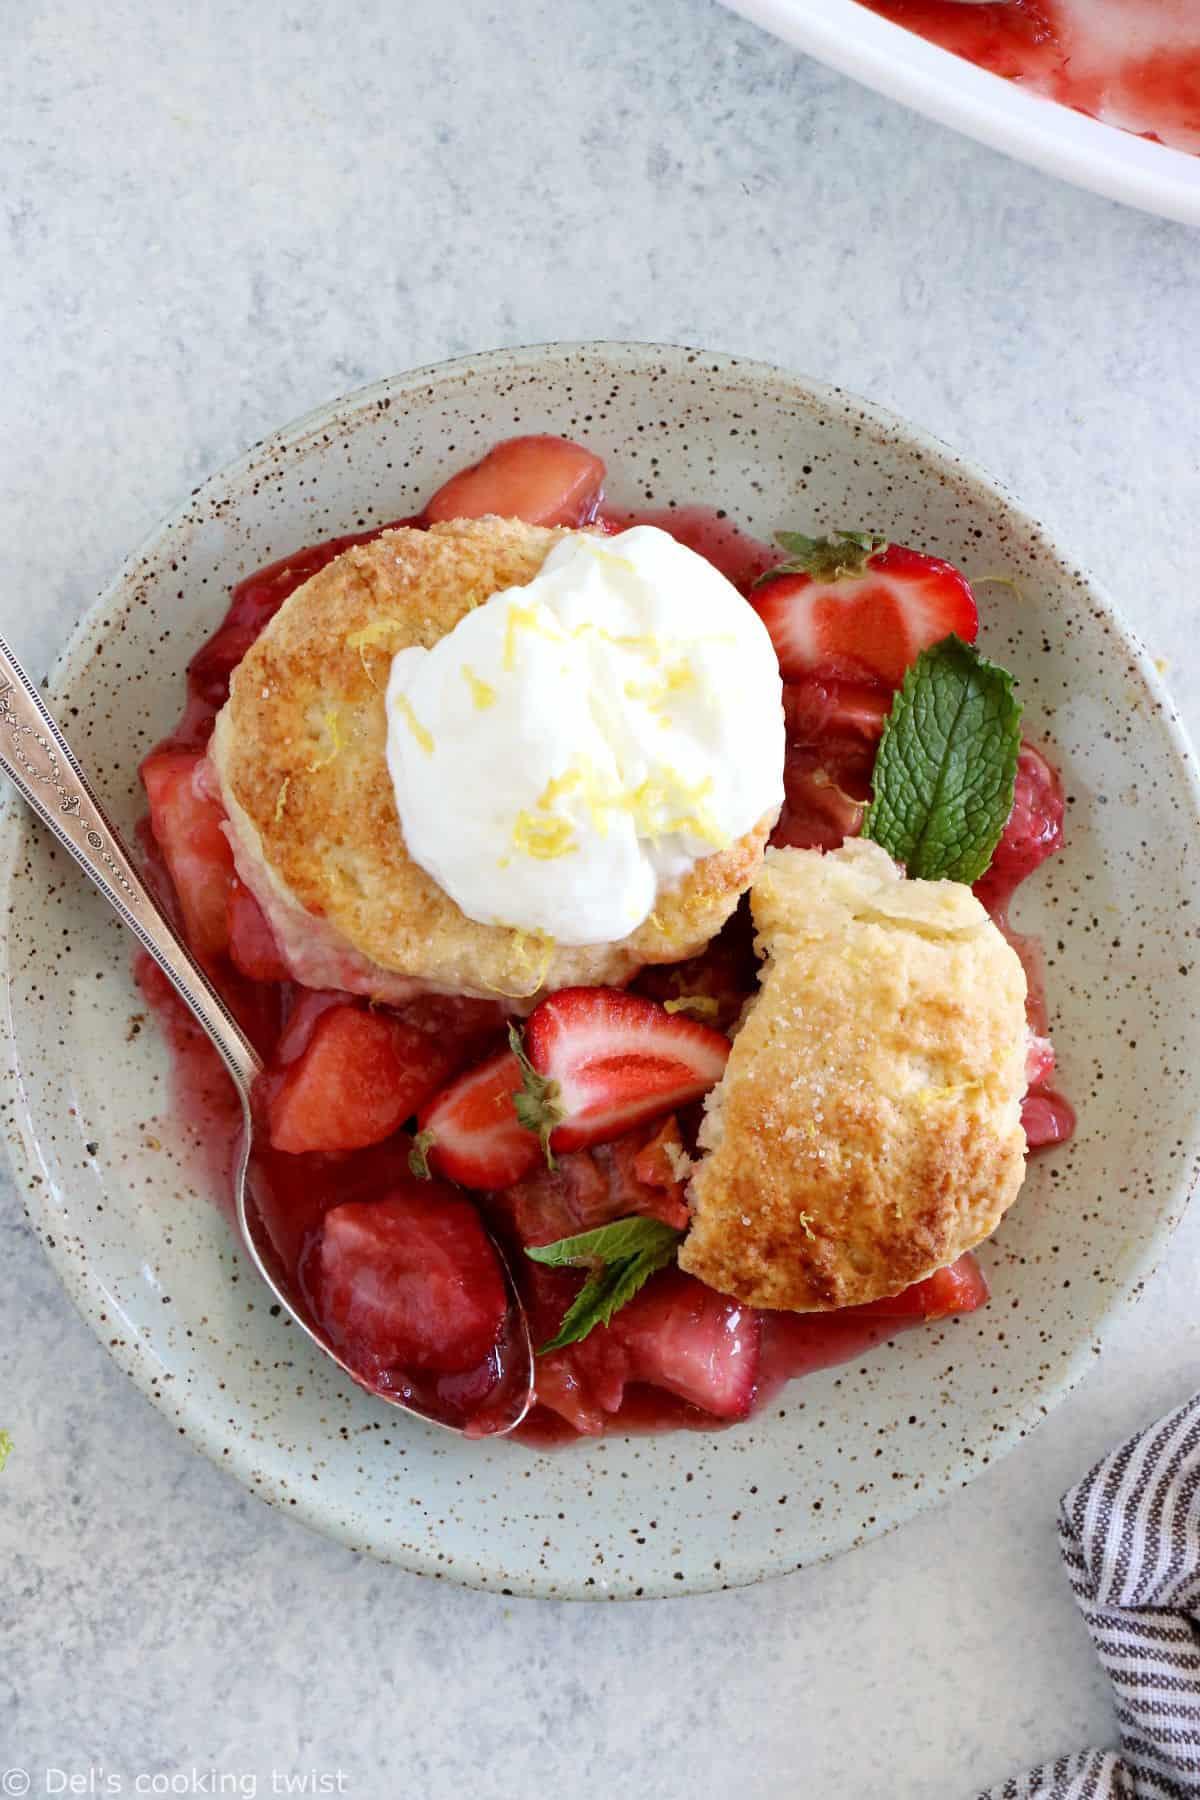 Le cobbler pommes, fraises, rhubarbe, c'est un dessert qui réunit des fruits juteux et sucrés sous une généreuse couche de biscuits tendres et moelleux.